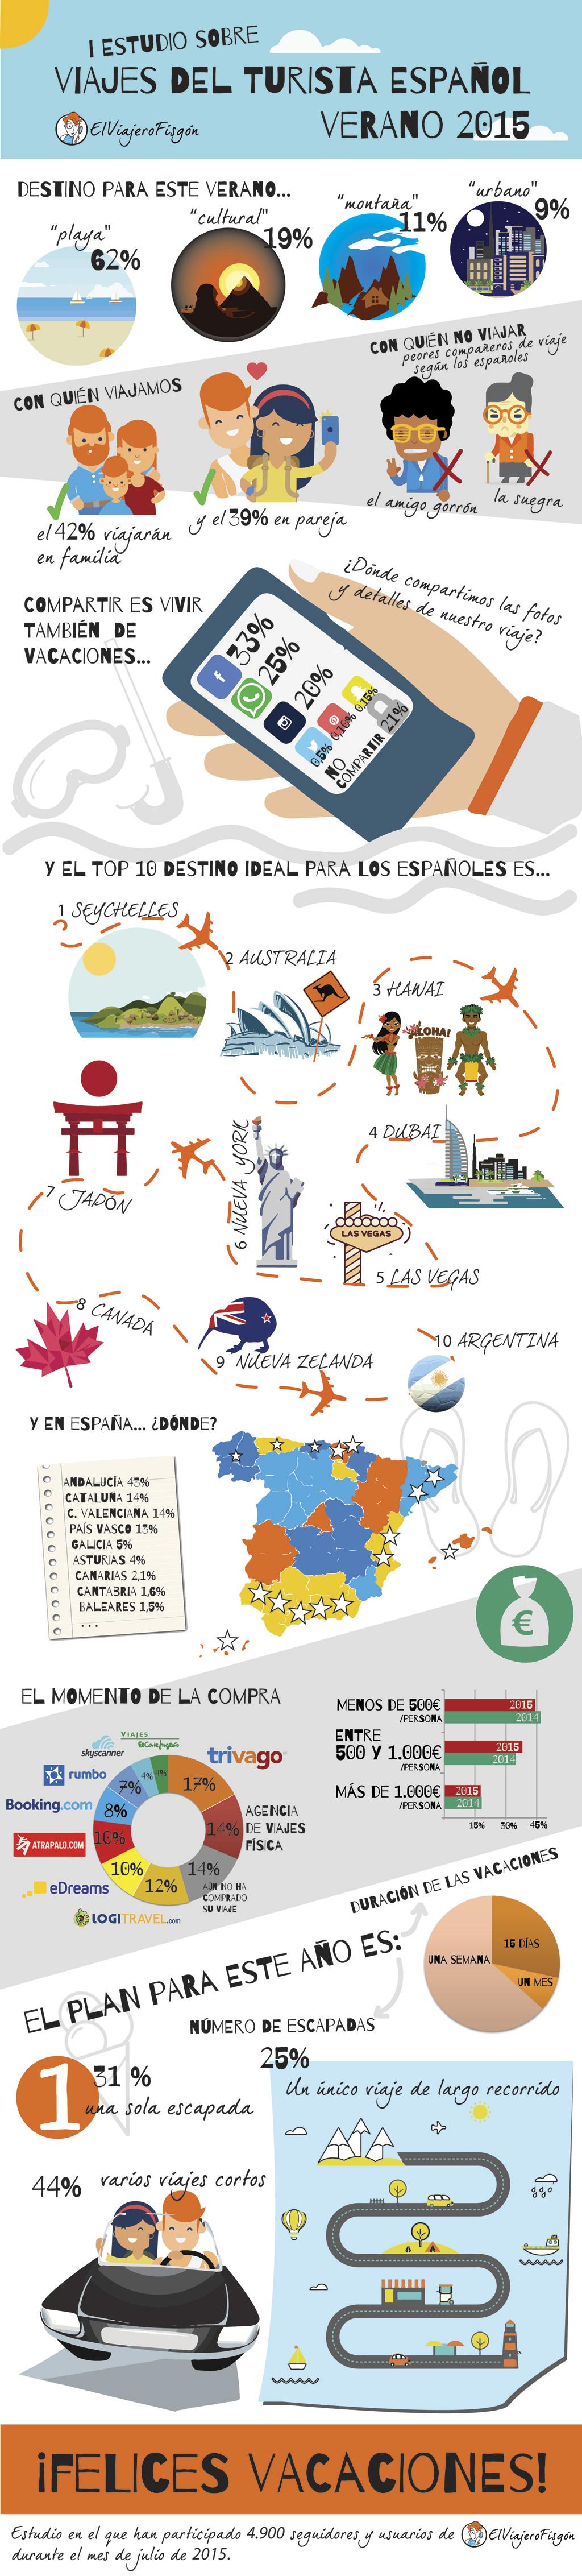 infografía-estudio-viajes-elviajerofisgon